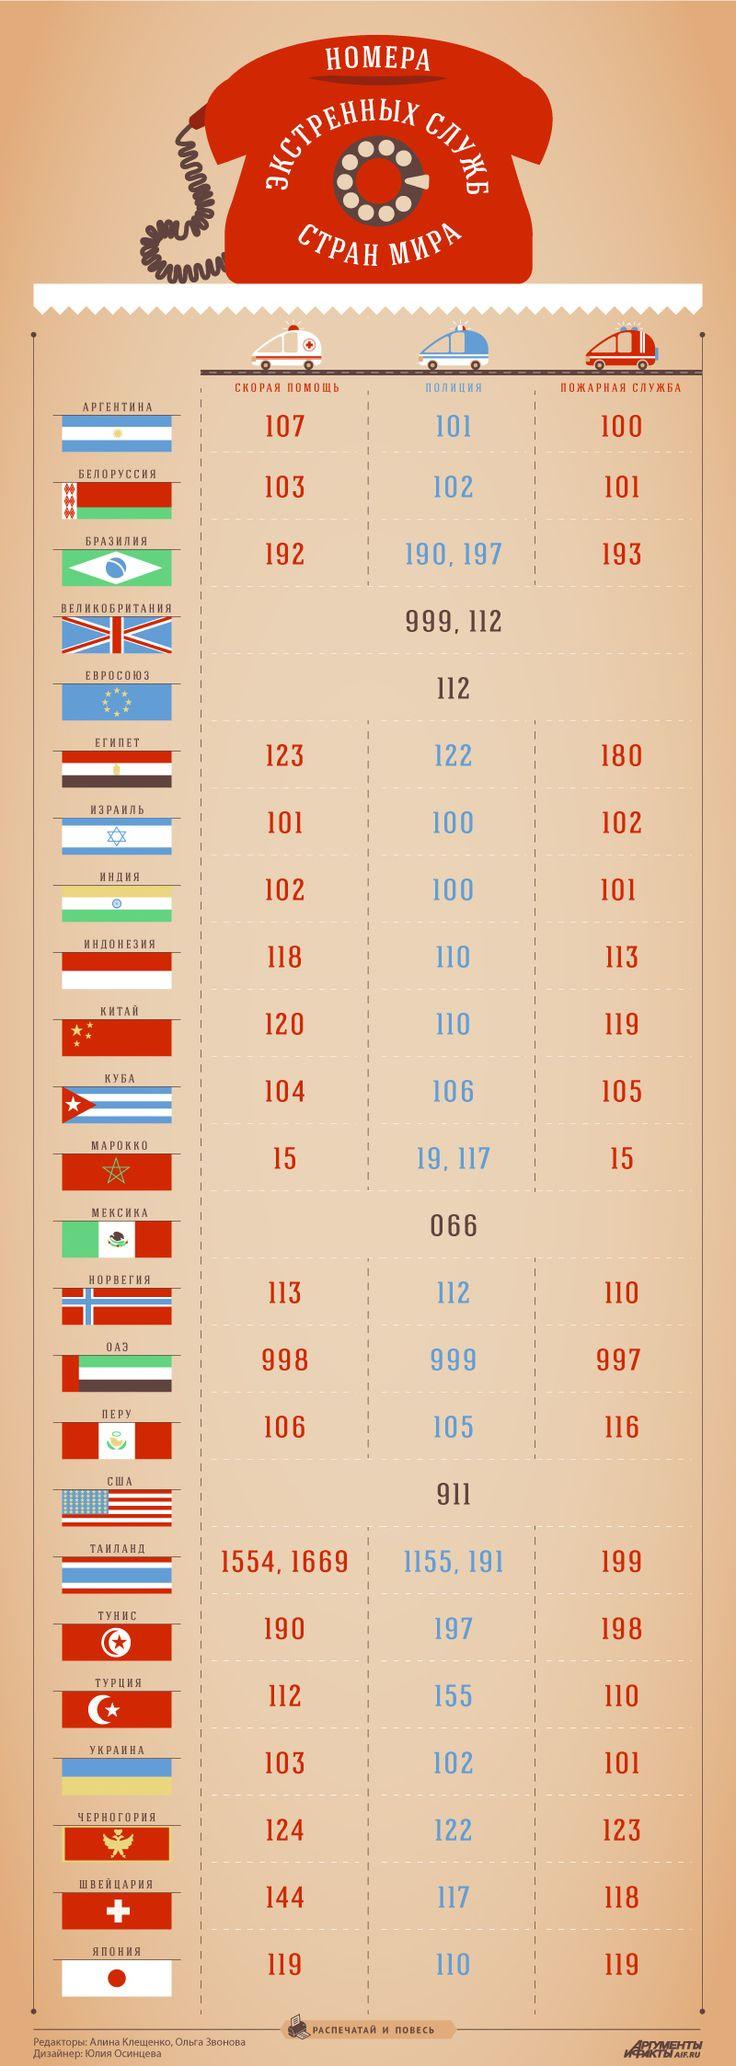 Памятка туристу: телефоны экстренных служб стран мира. Инфографика | Вопрос-Ответ | Аргументы и Факты